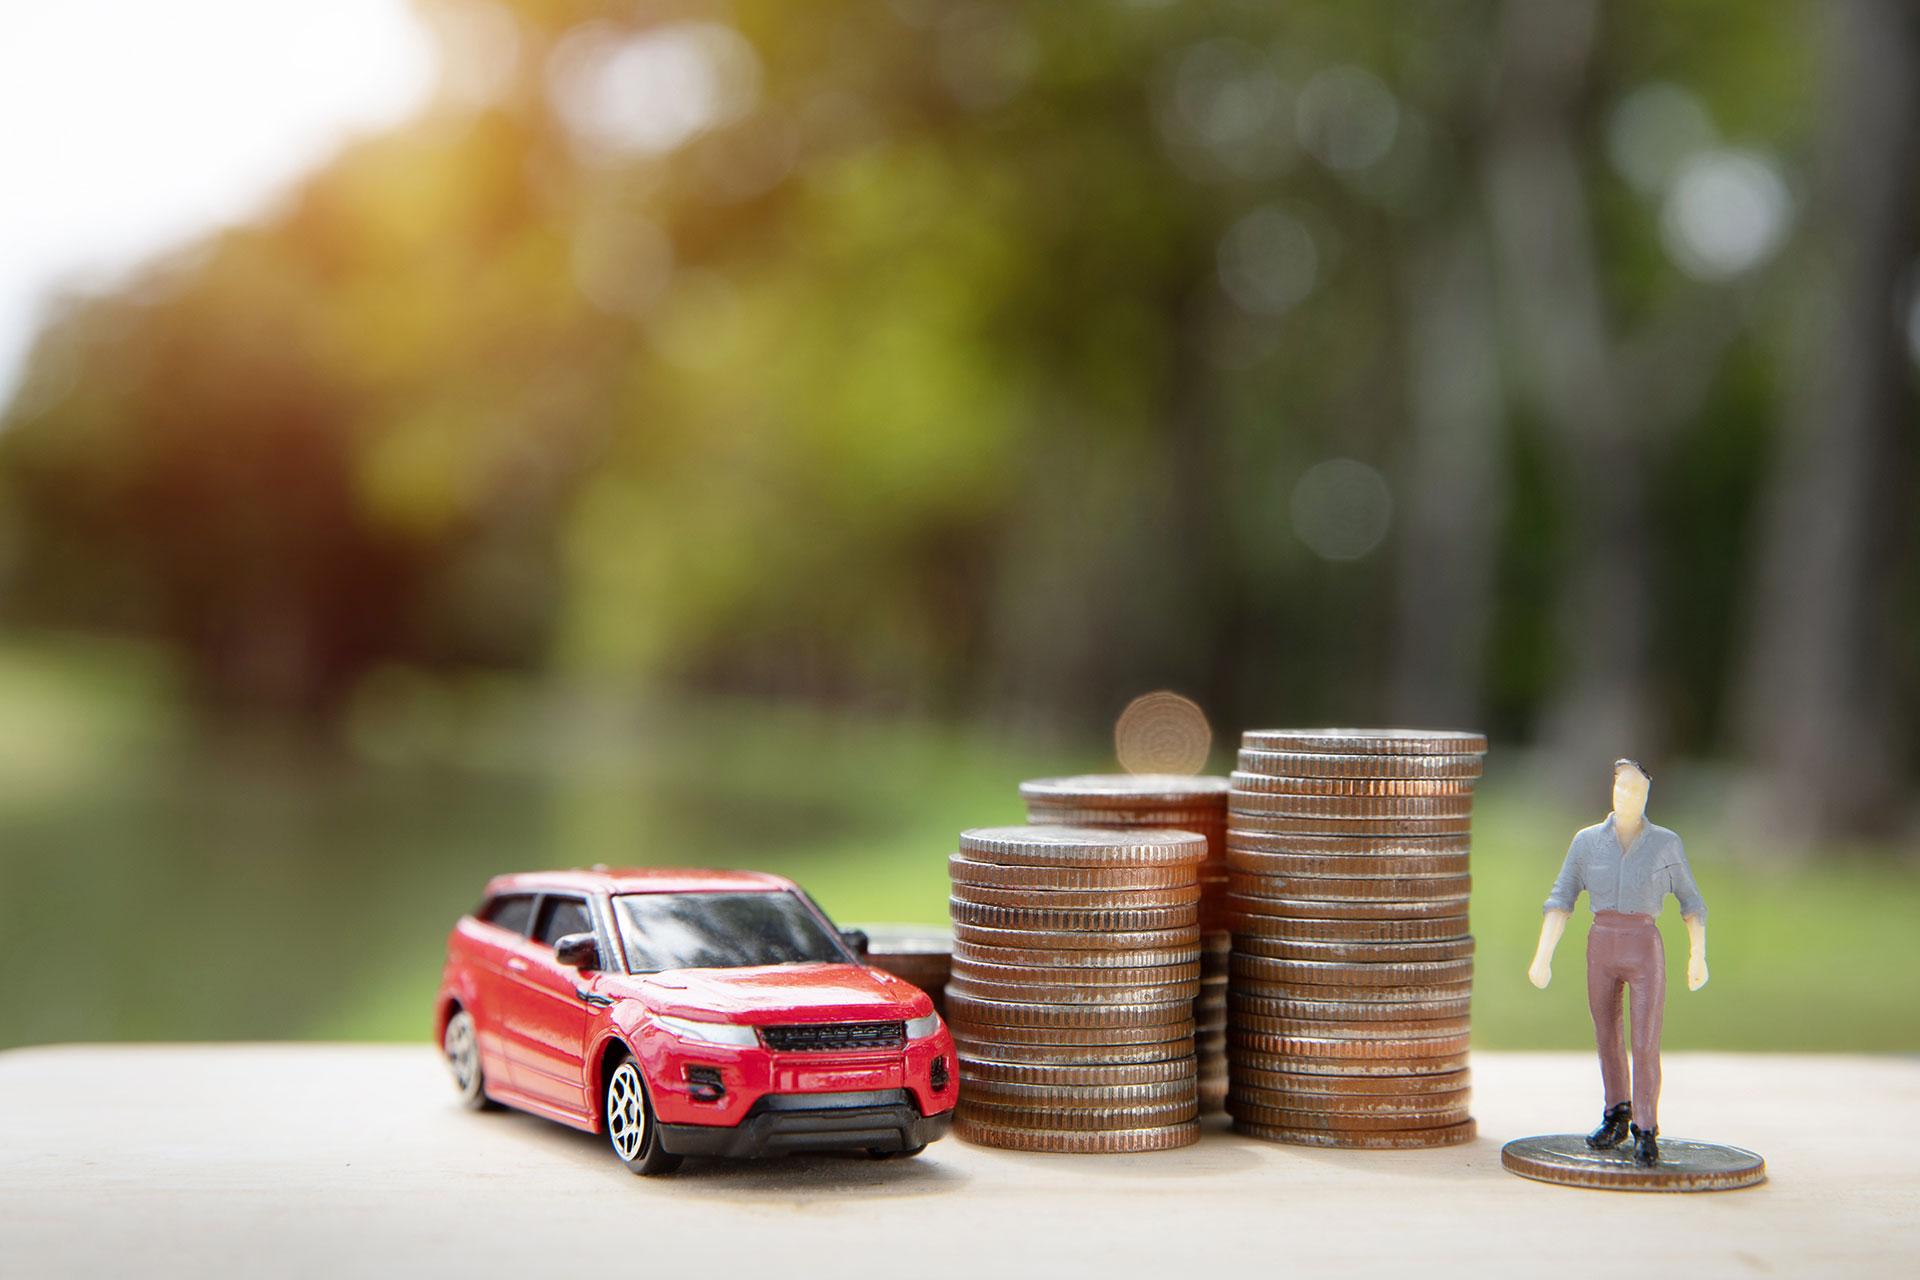 El renting matricula 253.435 vehículos hasta octubre, con una inversión que roza los 5.000 millones